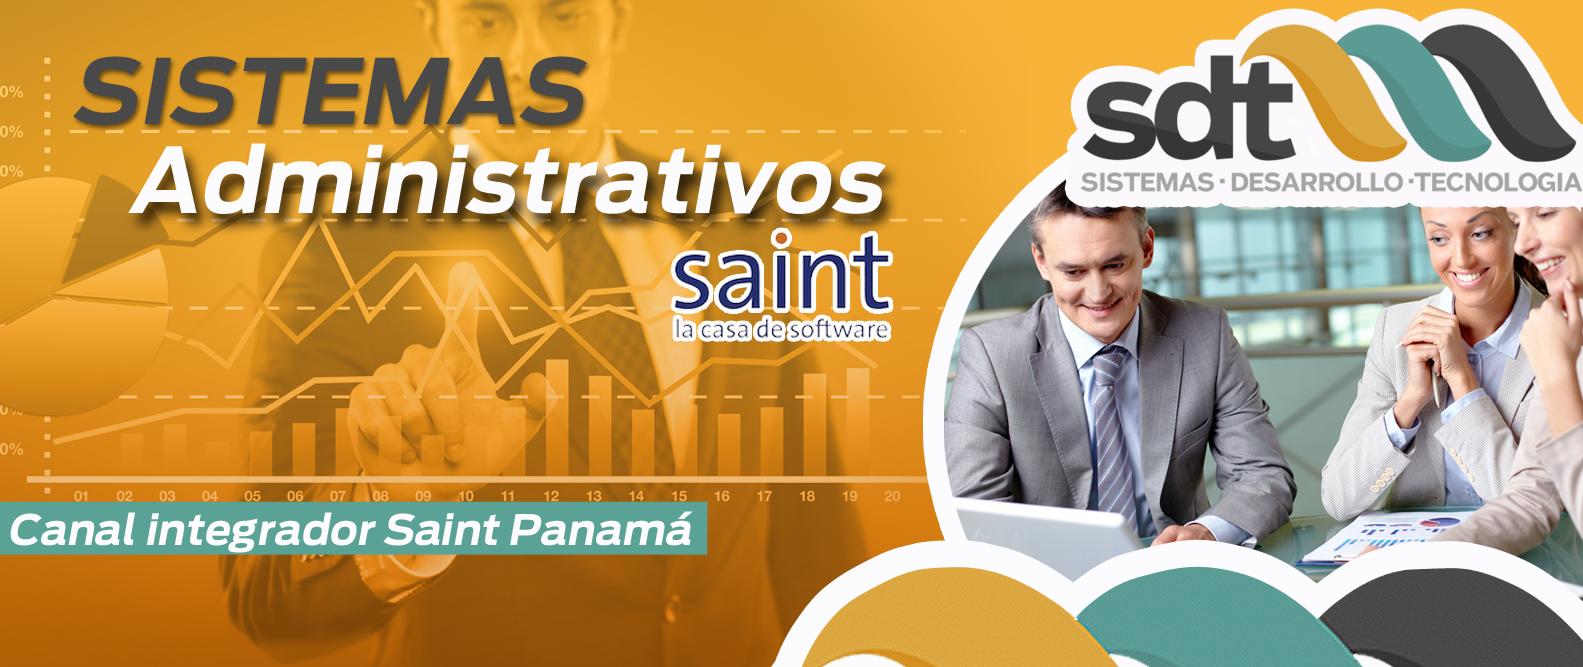 sistemas-administrativos-saint-panama